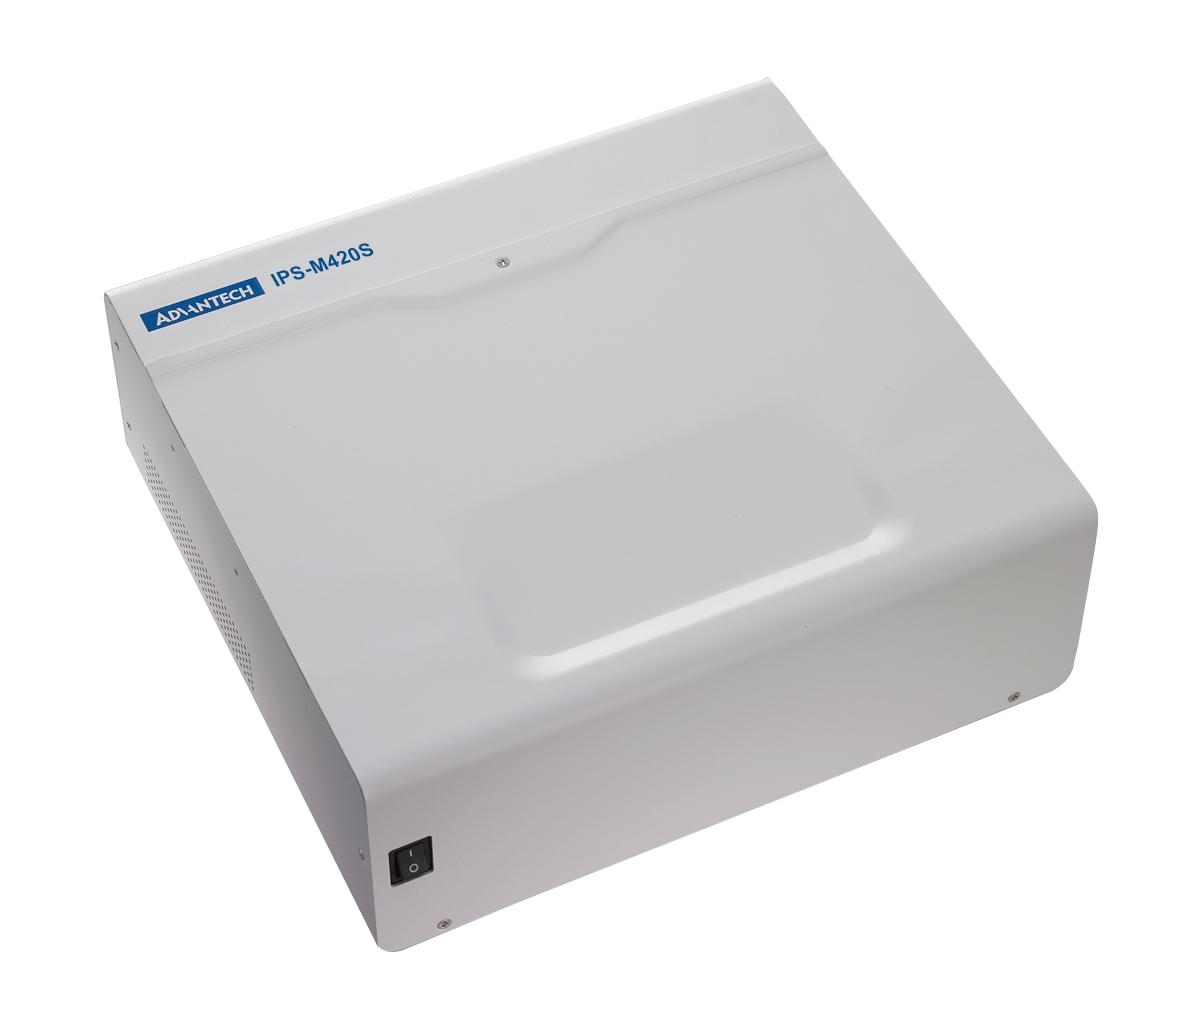 醫療級智能電池系統